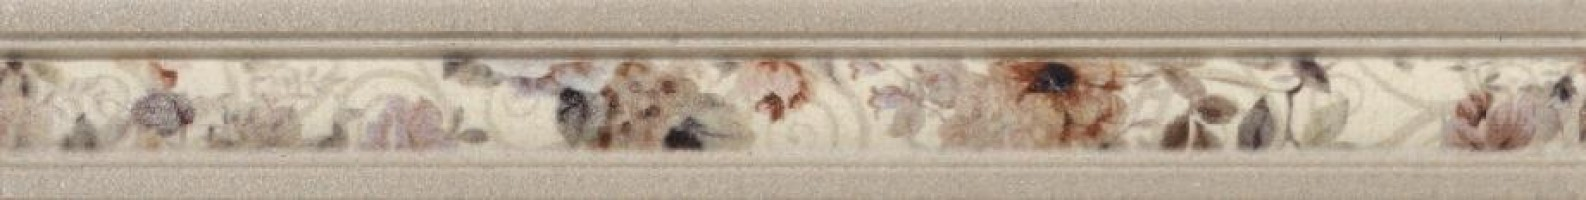 Бордюр Moldura Celine 3x23.5 Goldencer